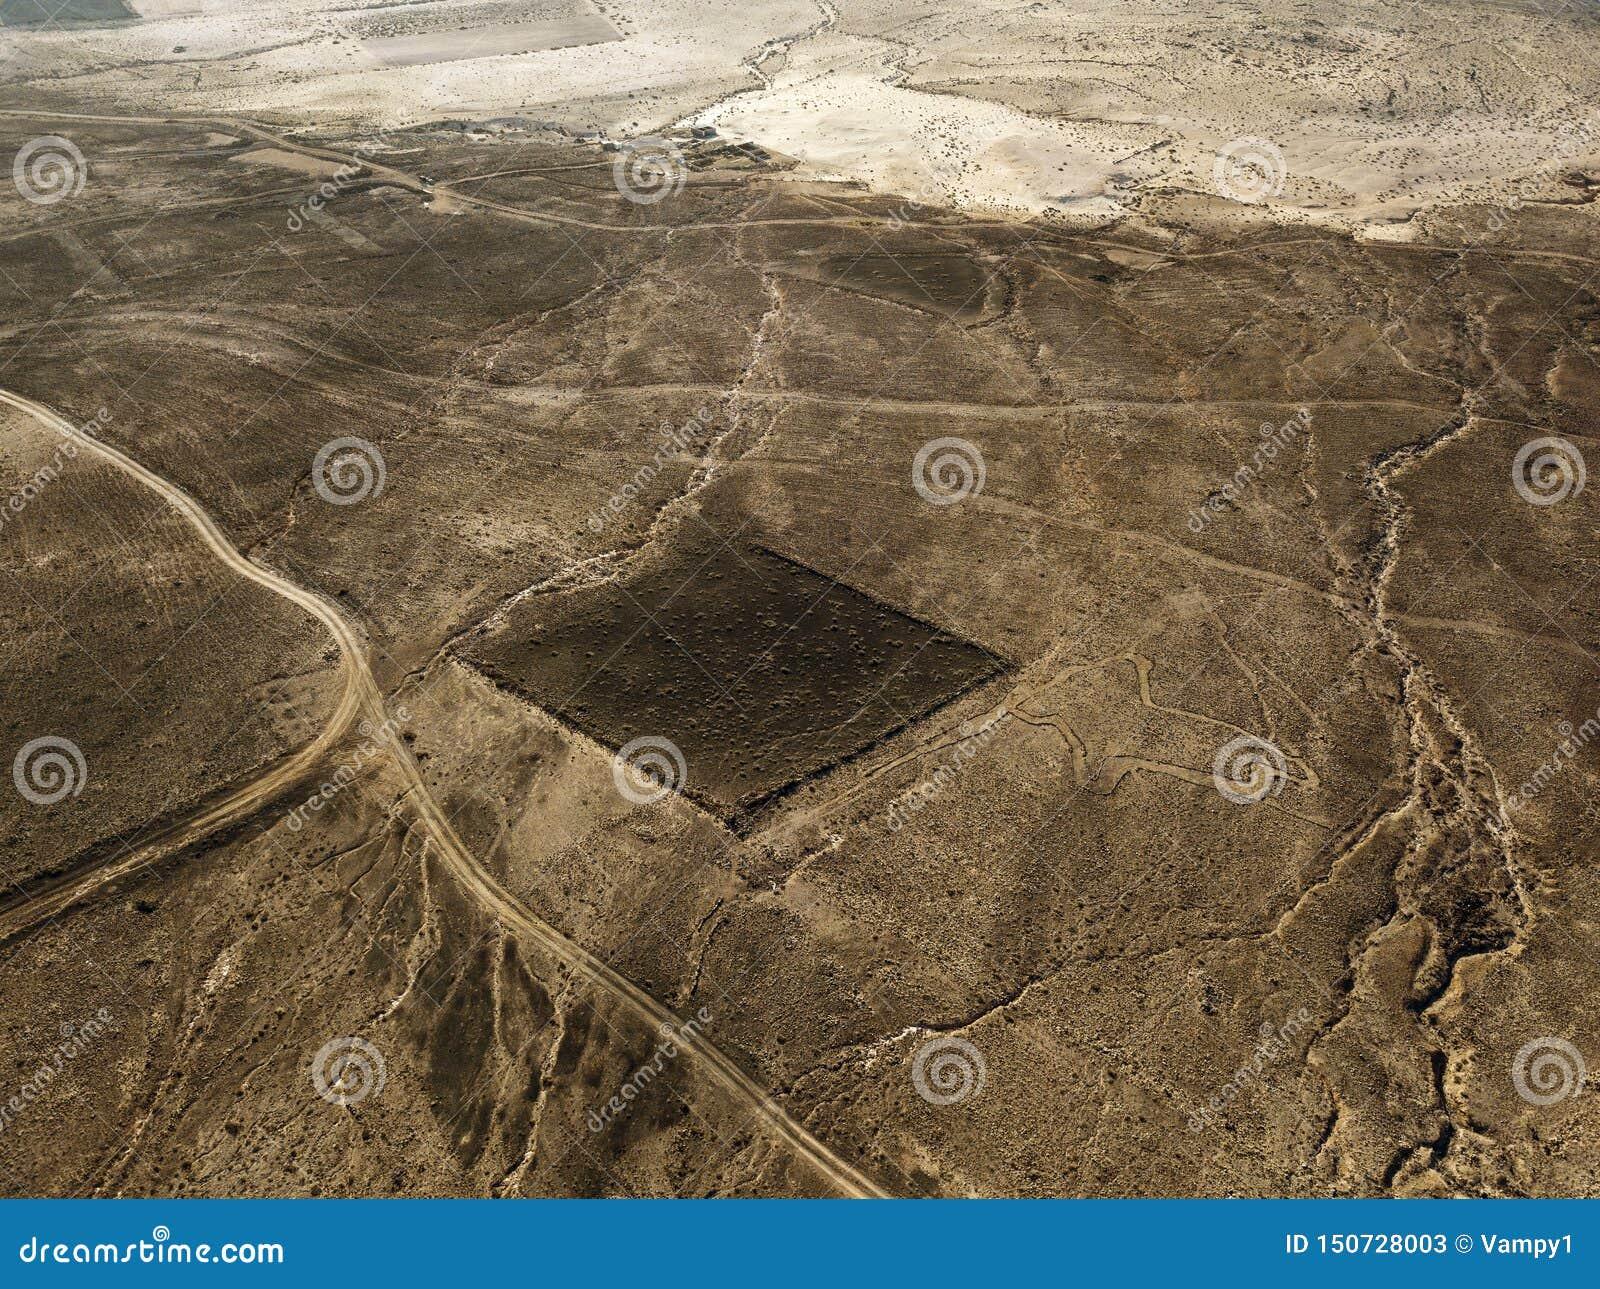 一个沙漠风景的鸟瞰图在兰萨罗特岛,加那利群岛,西班牙海岛上的  沙漠背景,纹理